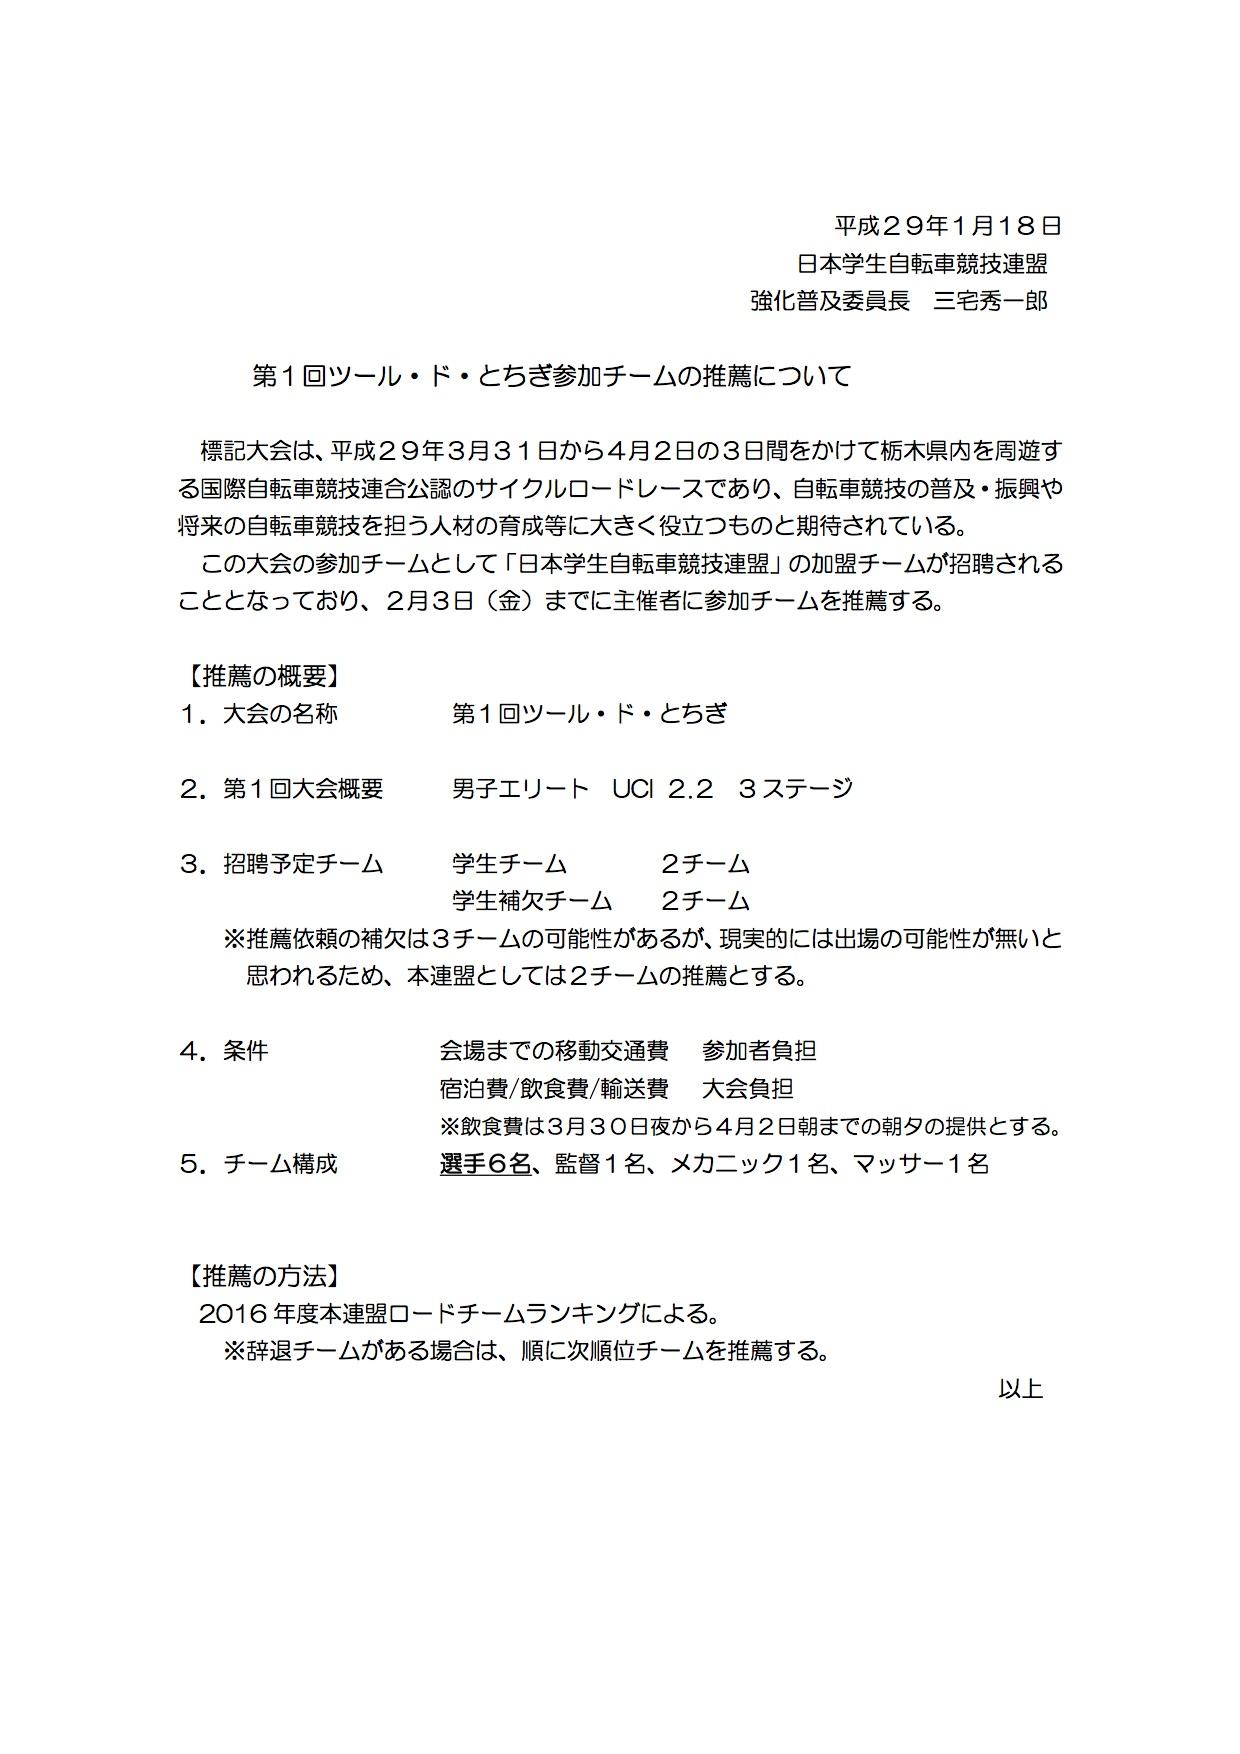 tourdetochigi_suisen_annai_170118_01